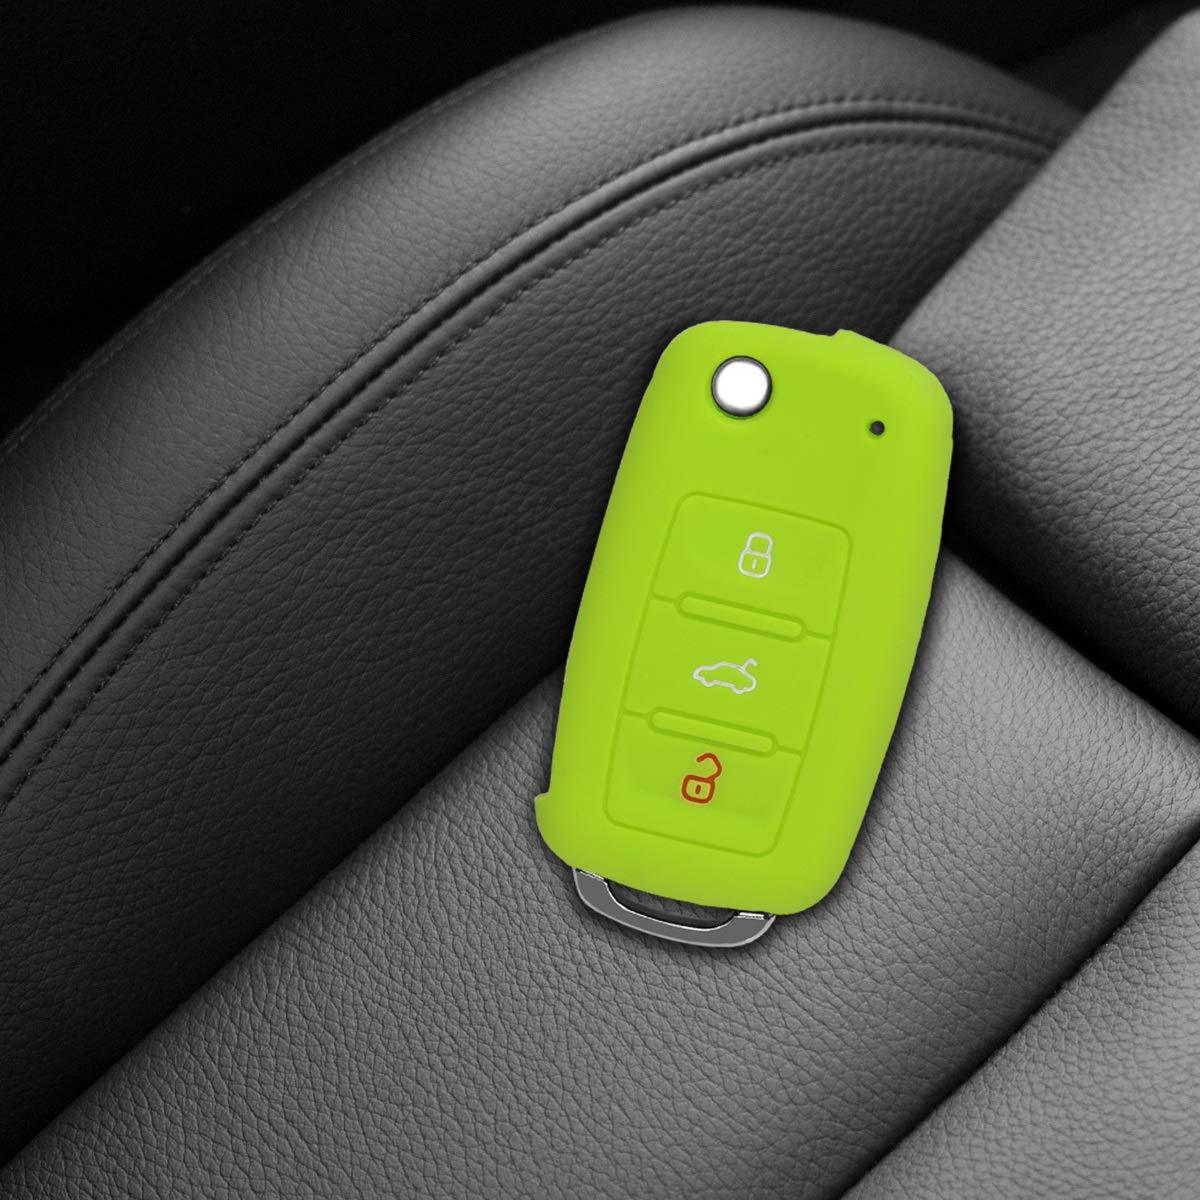 kwmobile Autoschl/üssel H/ülle f/ür VW Skoda Seat Silikon Schutzh/ülle Schl/üsselh/ülle Cover f/ür VW Skoda Seat 3-Tasten Autoschl/üssel Grau